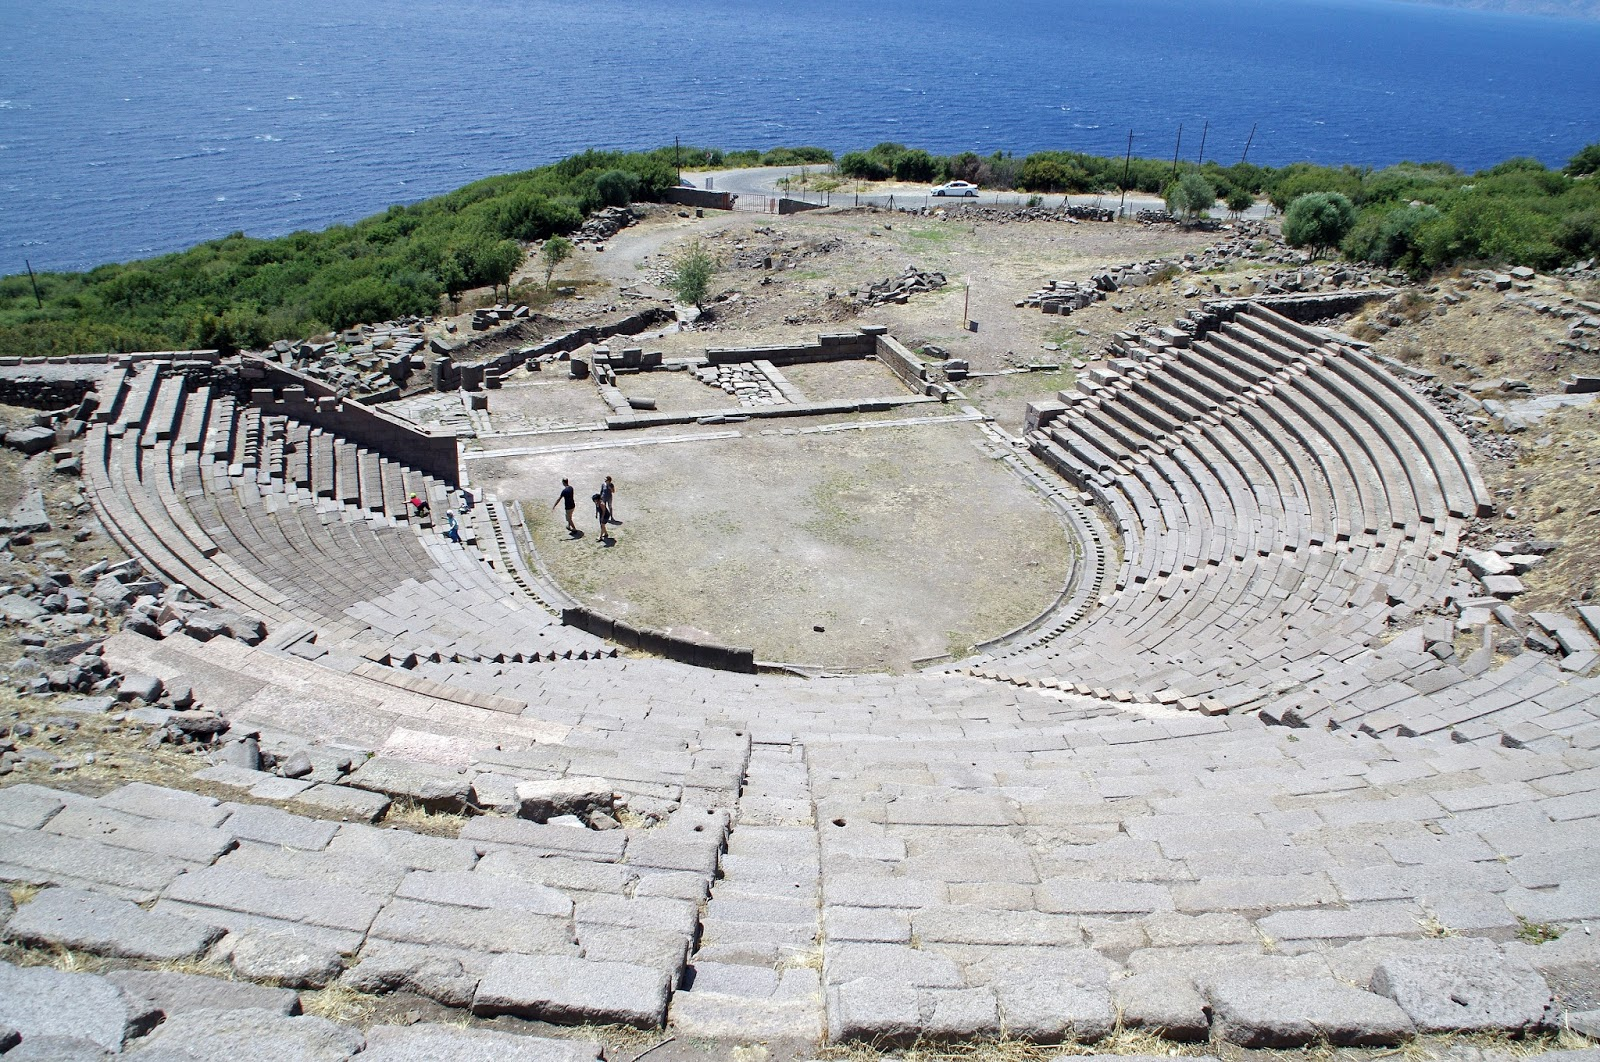 Assos: An Archaeologists Dream with Neyzen